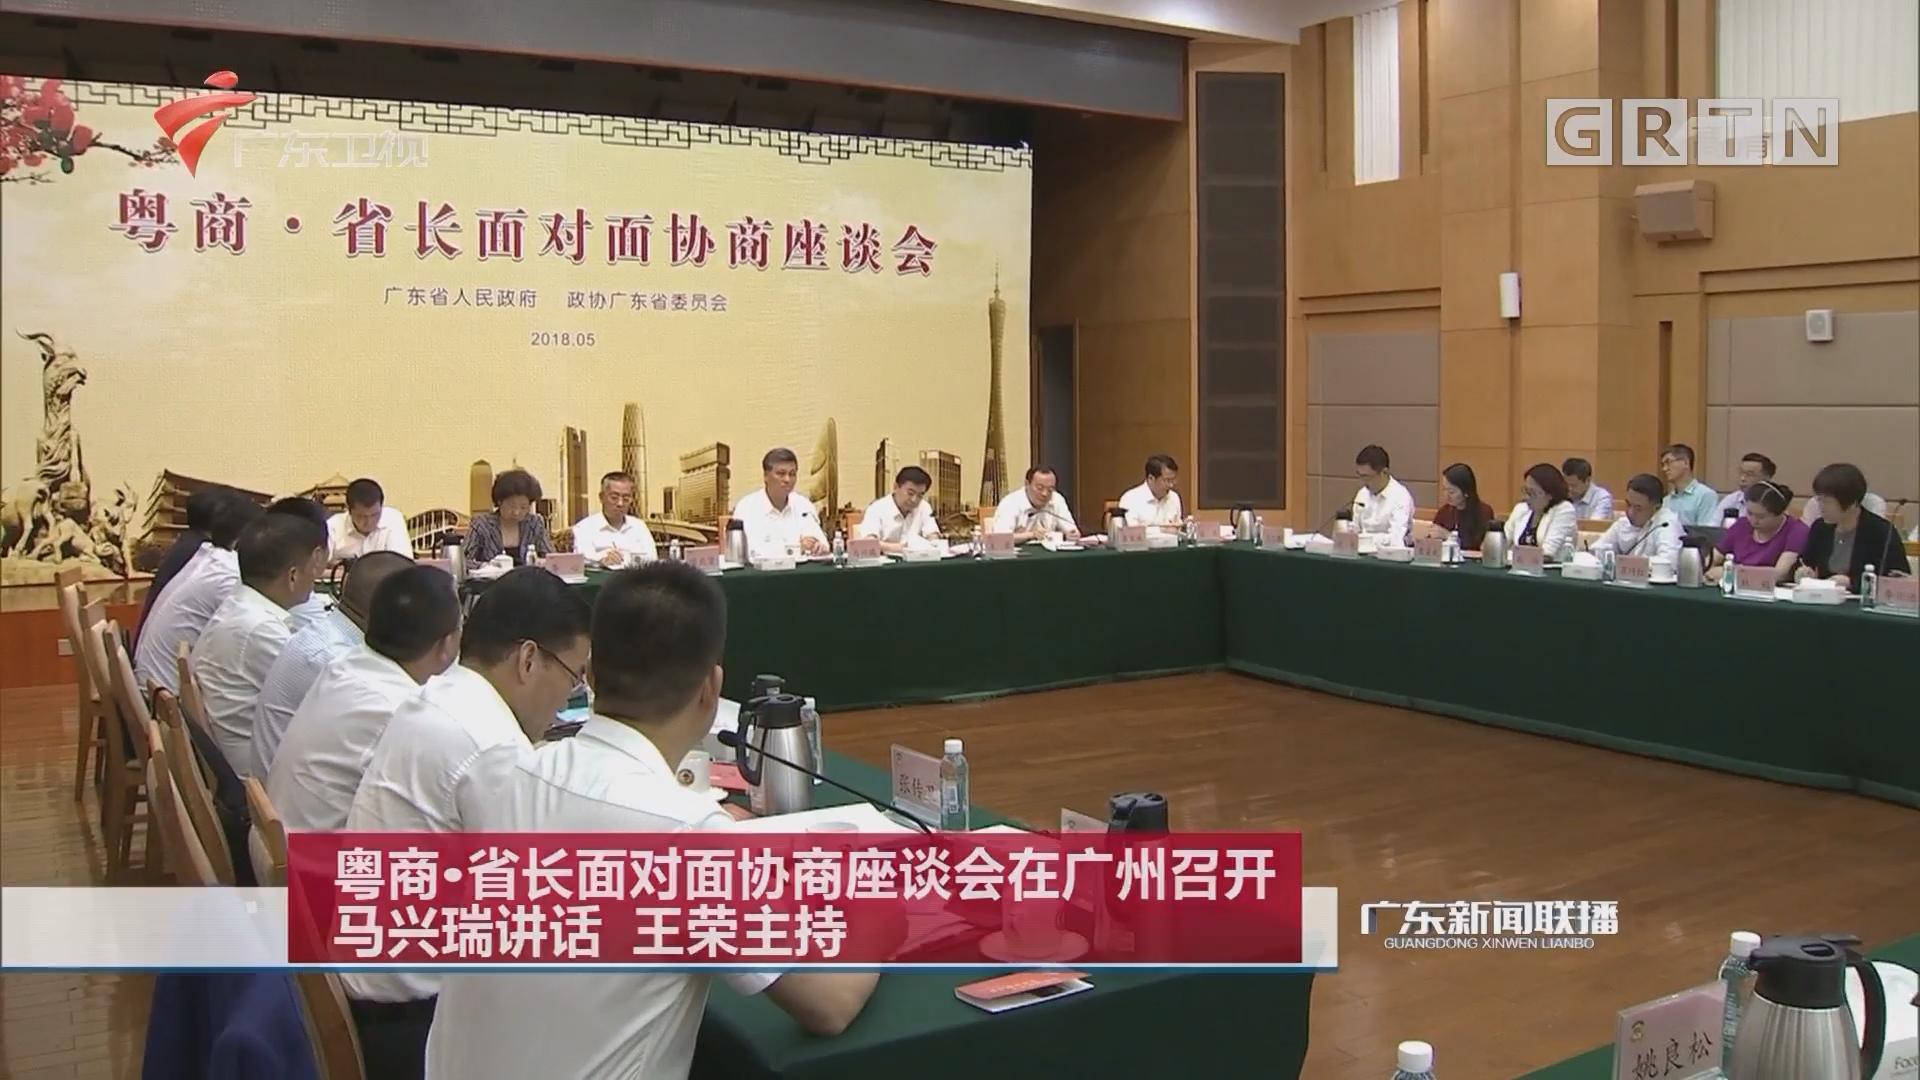 粤商·省长面对面协商座谈会在广州召开 马兴瑞讲话 王荣主持